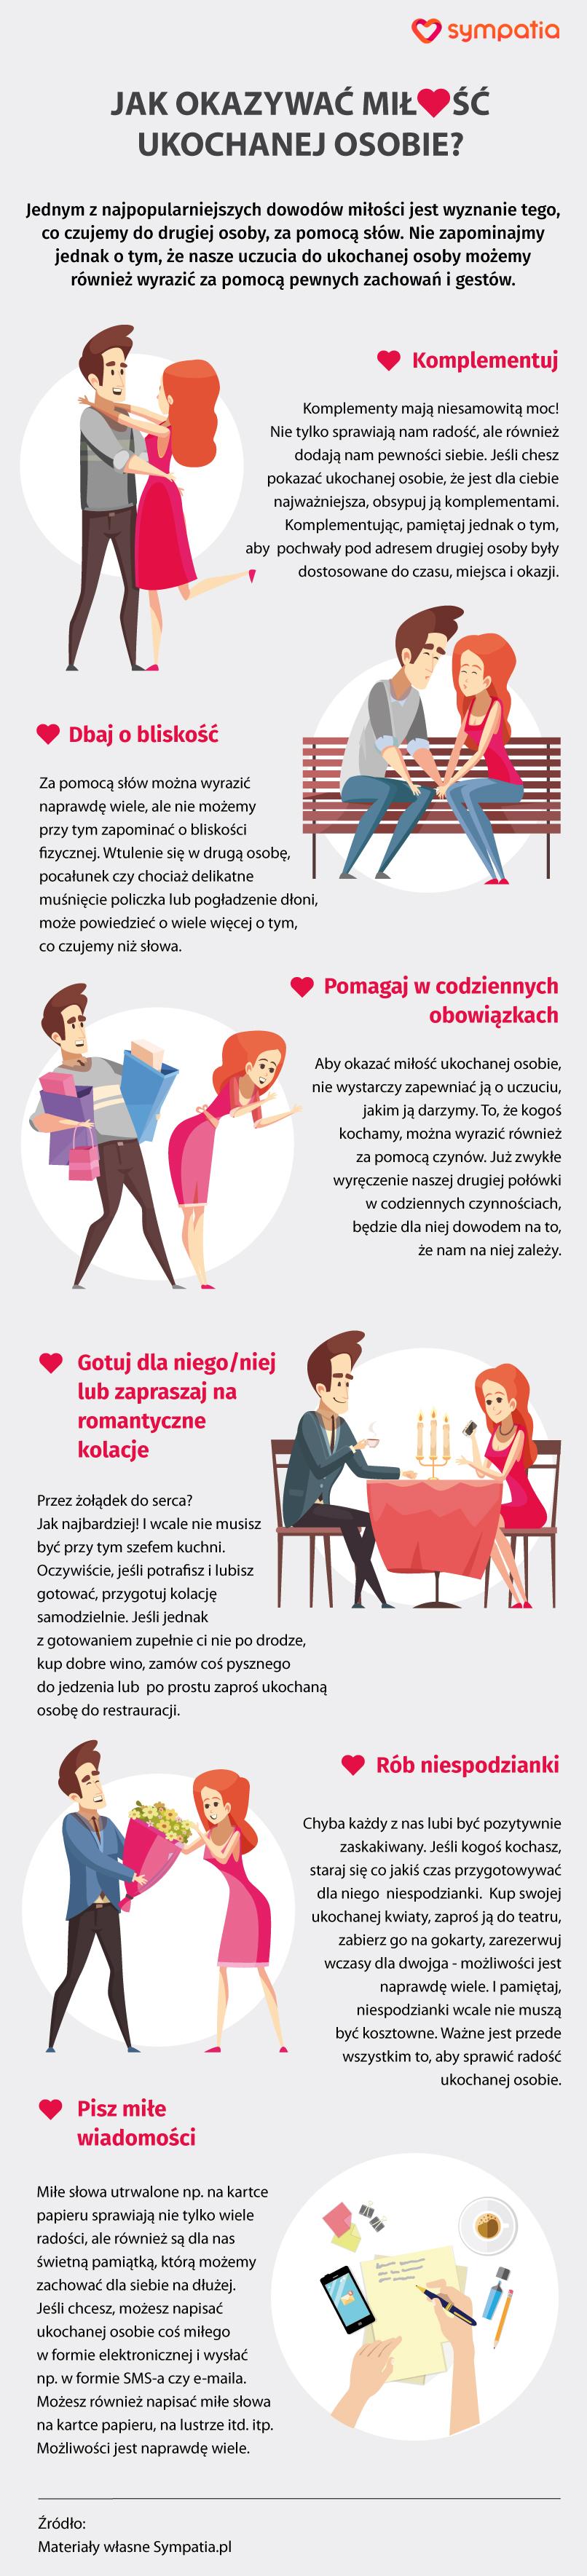 Jak Okazywać Miłość Ukochanej Osobie Infografika